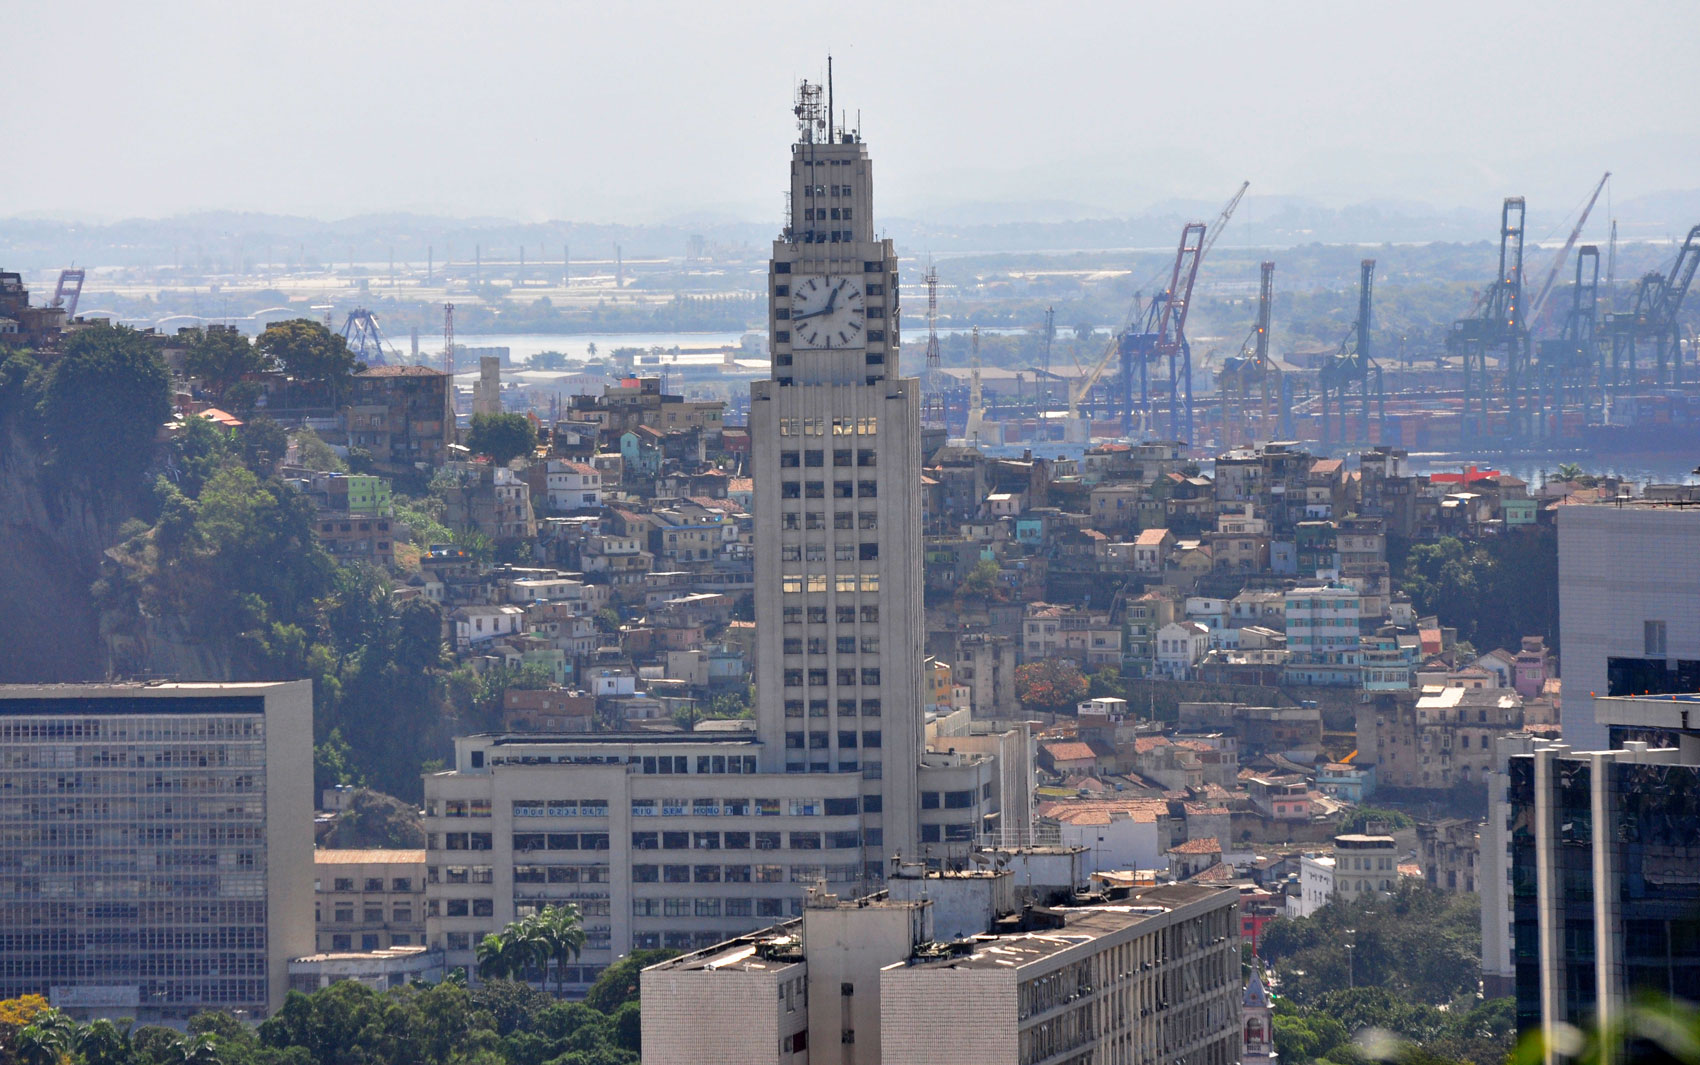 Considerada a primeira favela da cidade, o Morro da Providência fica entre os bairros do Santo Cristo e da Gamboa, na zona portuária. Foi nele que surgiu a primeira escola de samba, que deu origem à atual Estácio de Sá.